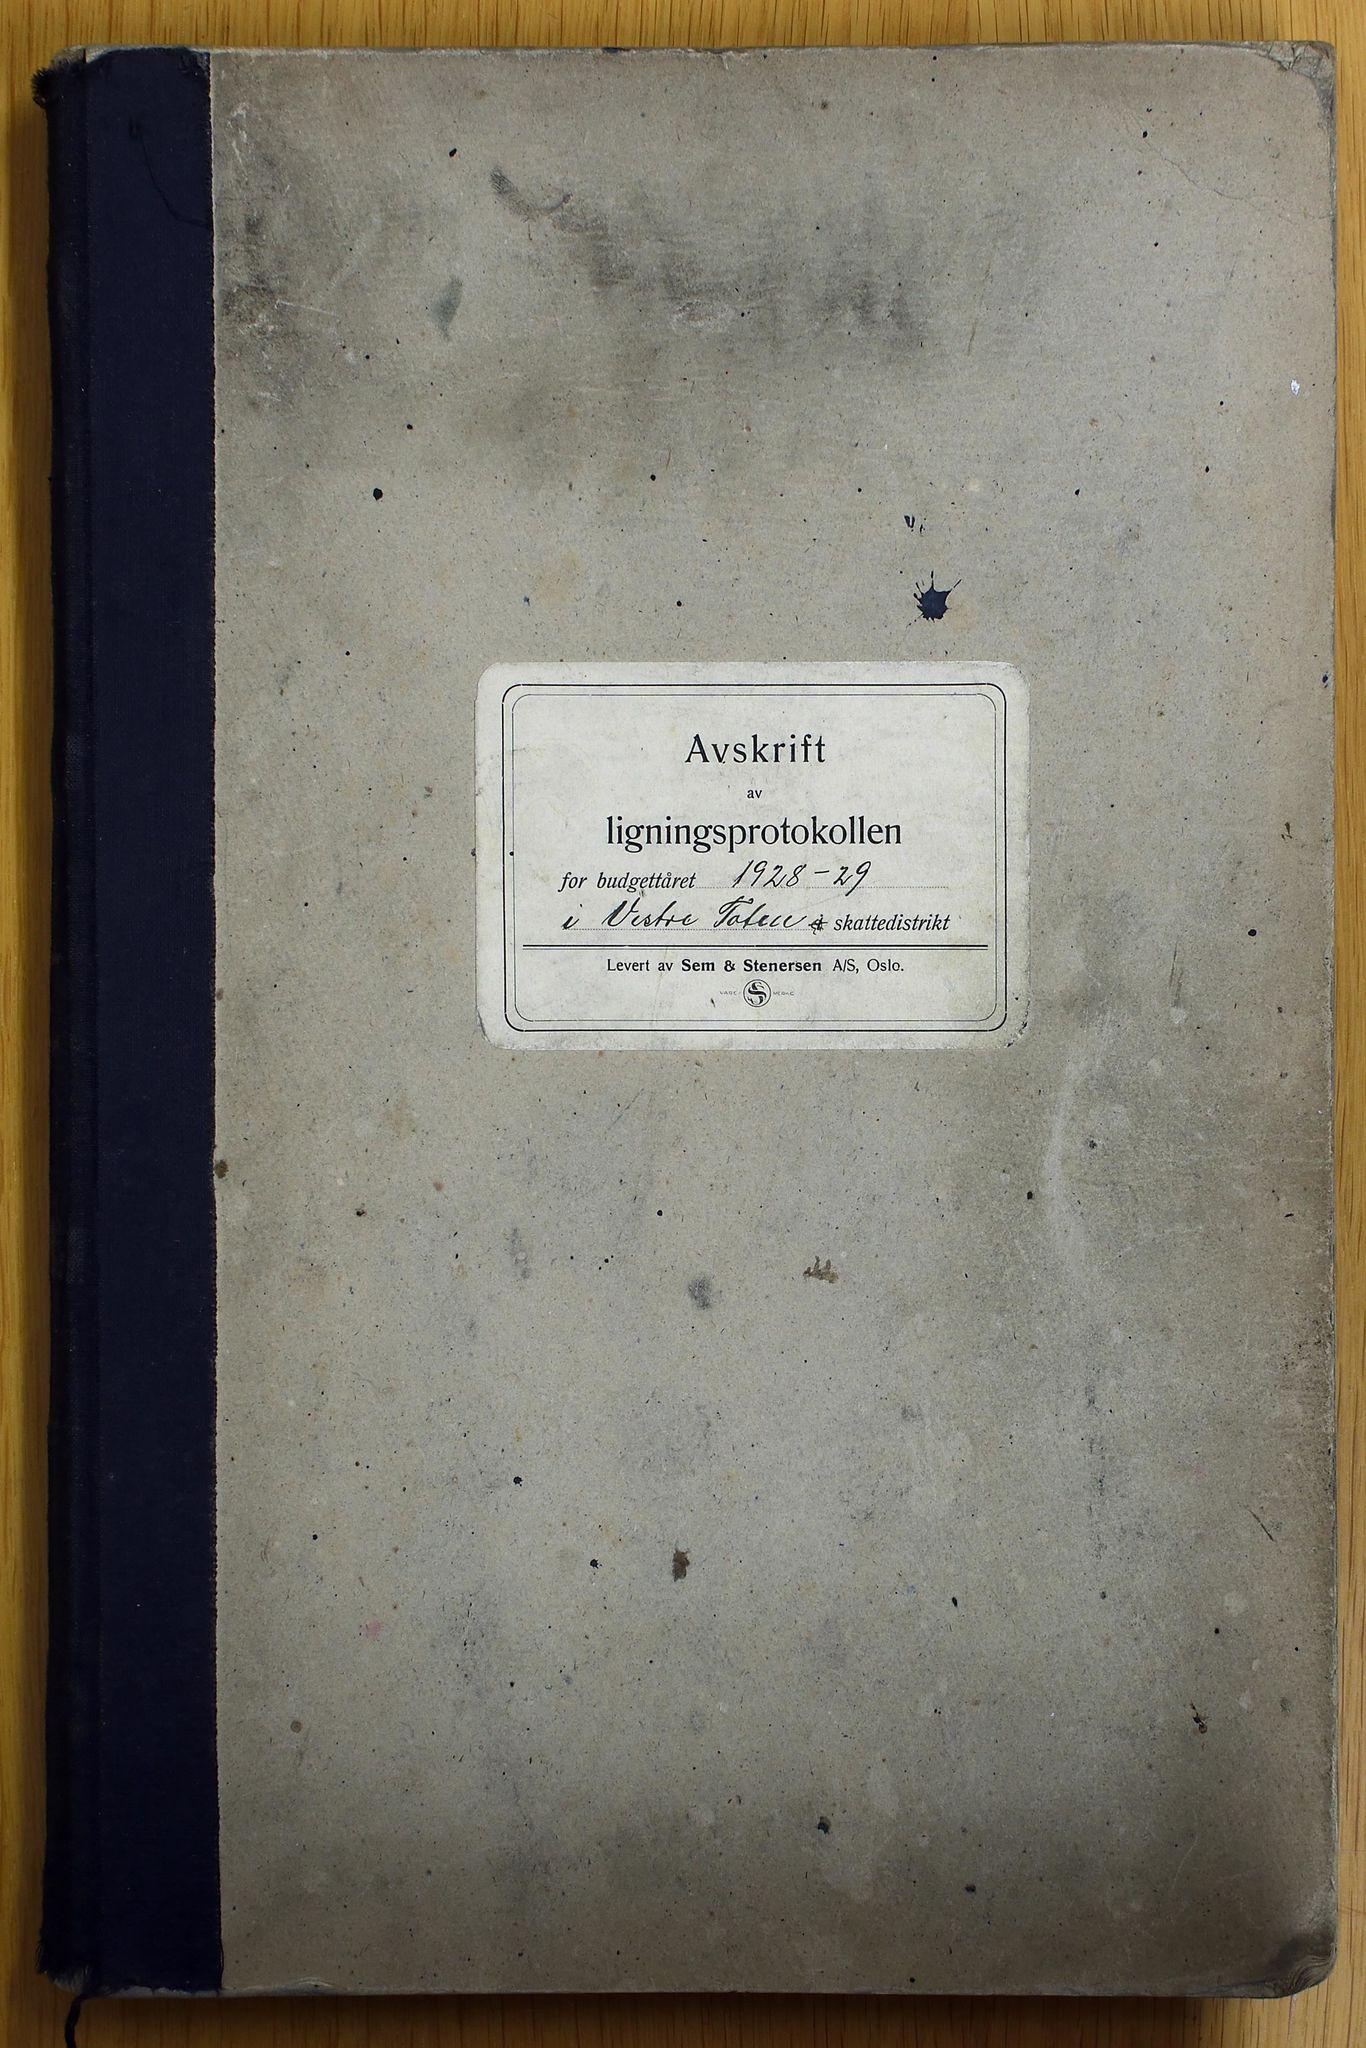 KVT, Vestre Toten kommunearkiv: Vestre Toten kommune. Avskrift av ligningsprotokollen for budsjettåret 1928-1929 i Vestre Toten skattedistrikt, 1928-1929